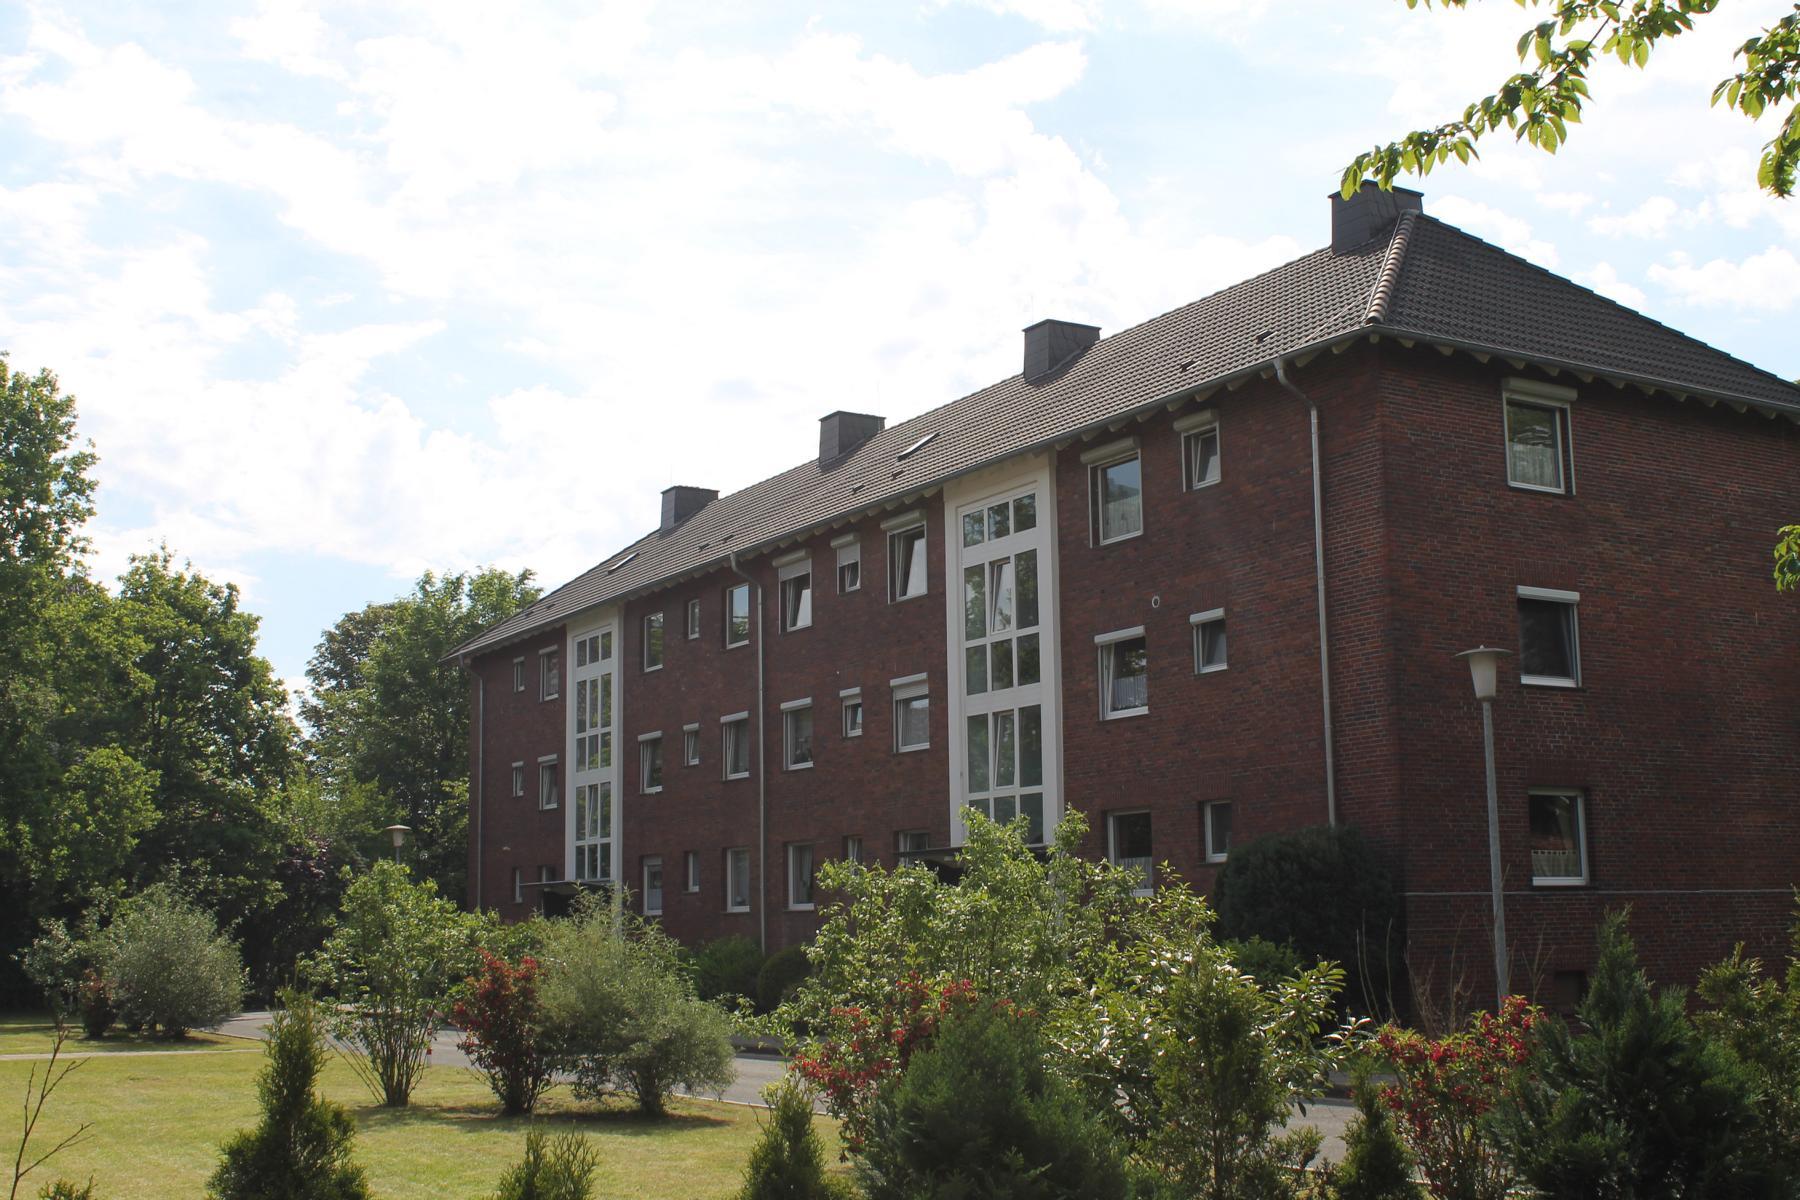 Dachsanierung Mehrfamilienhaus Referenzobjekt 50